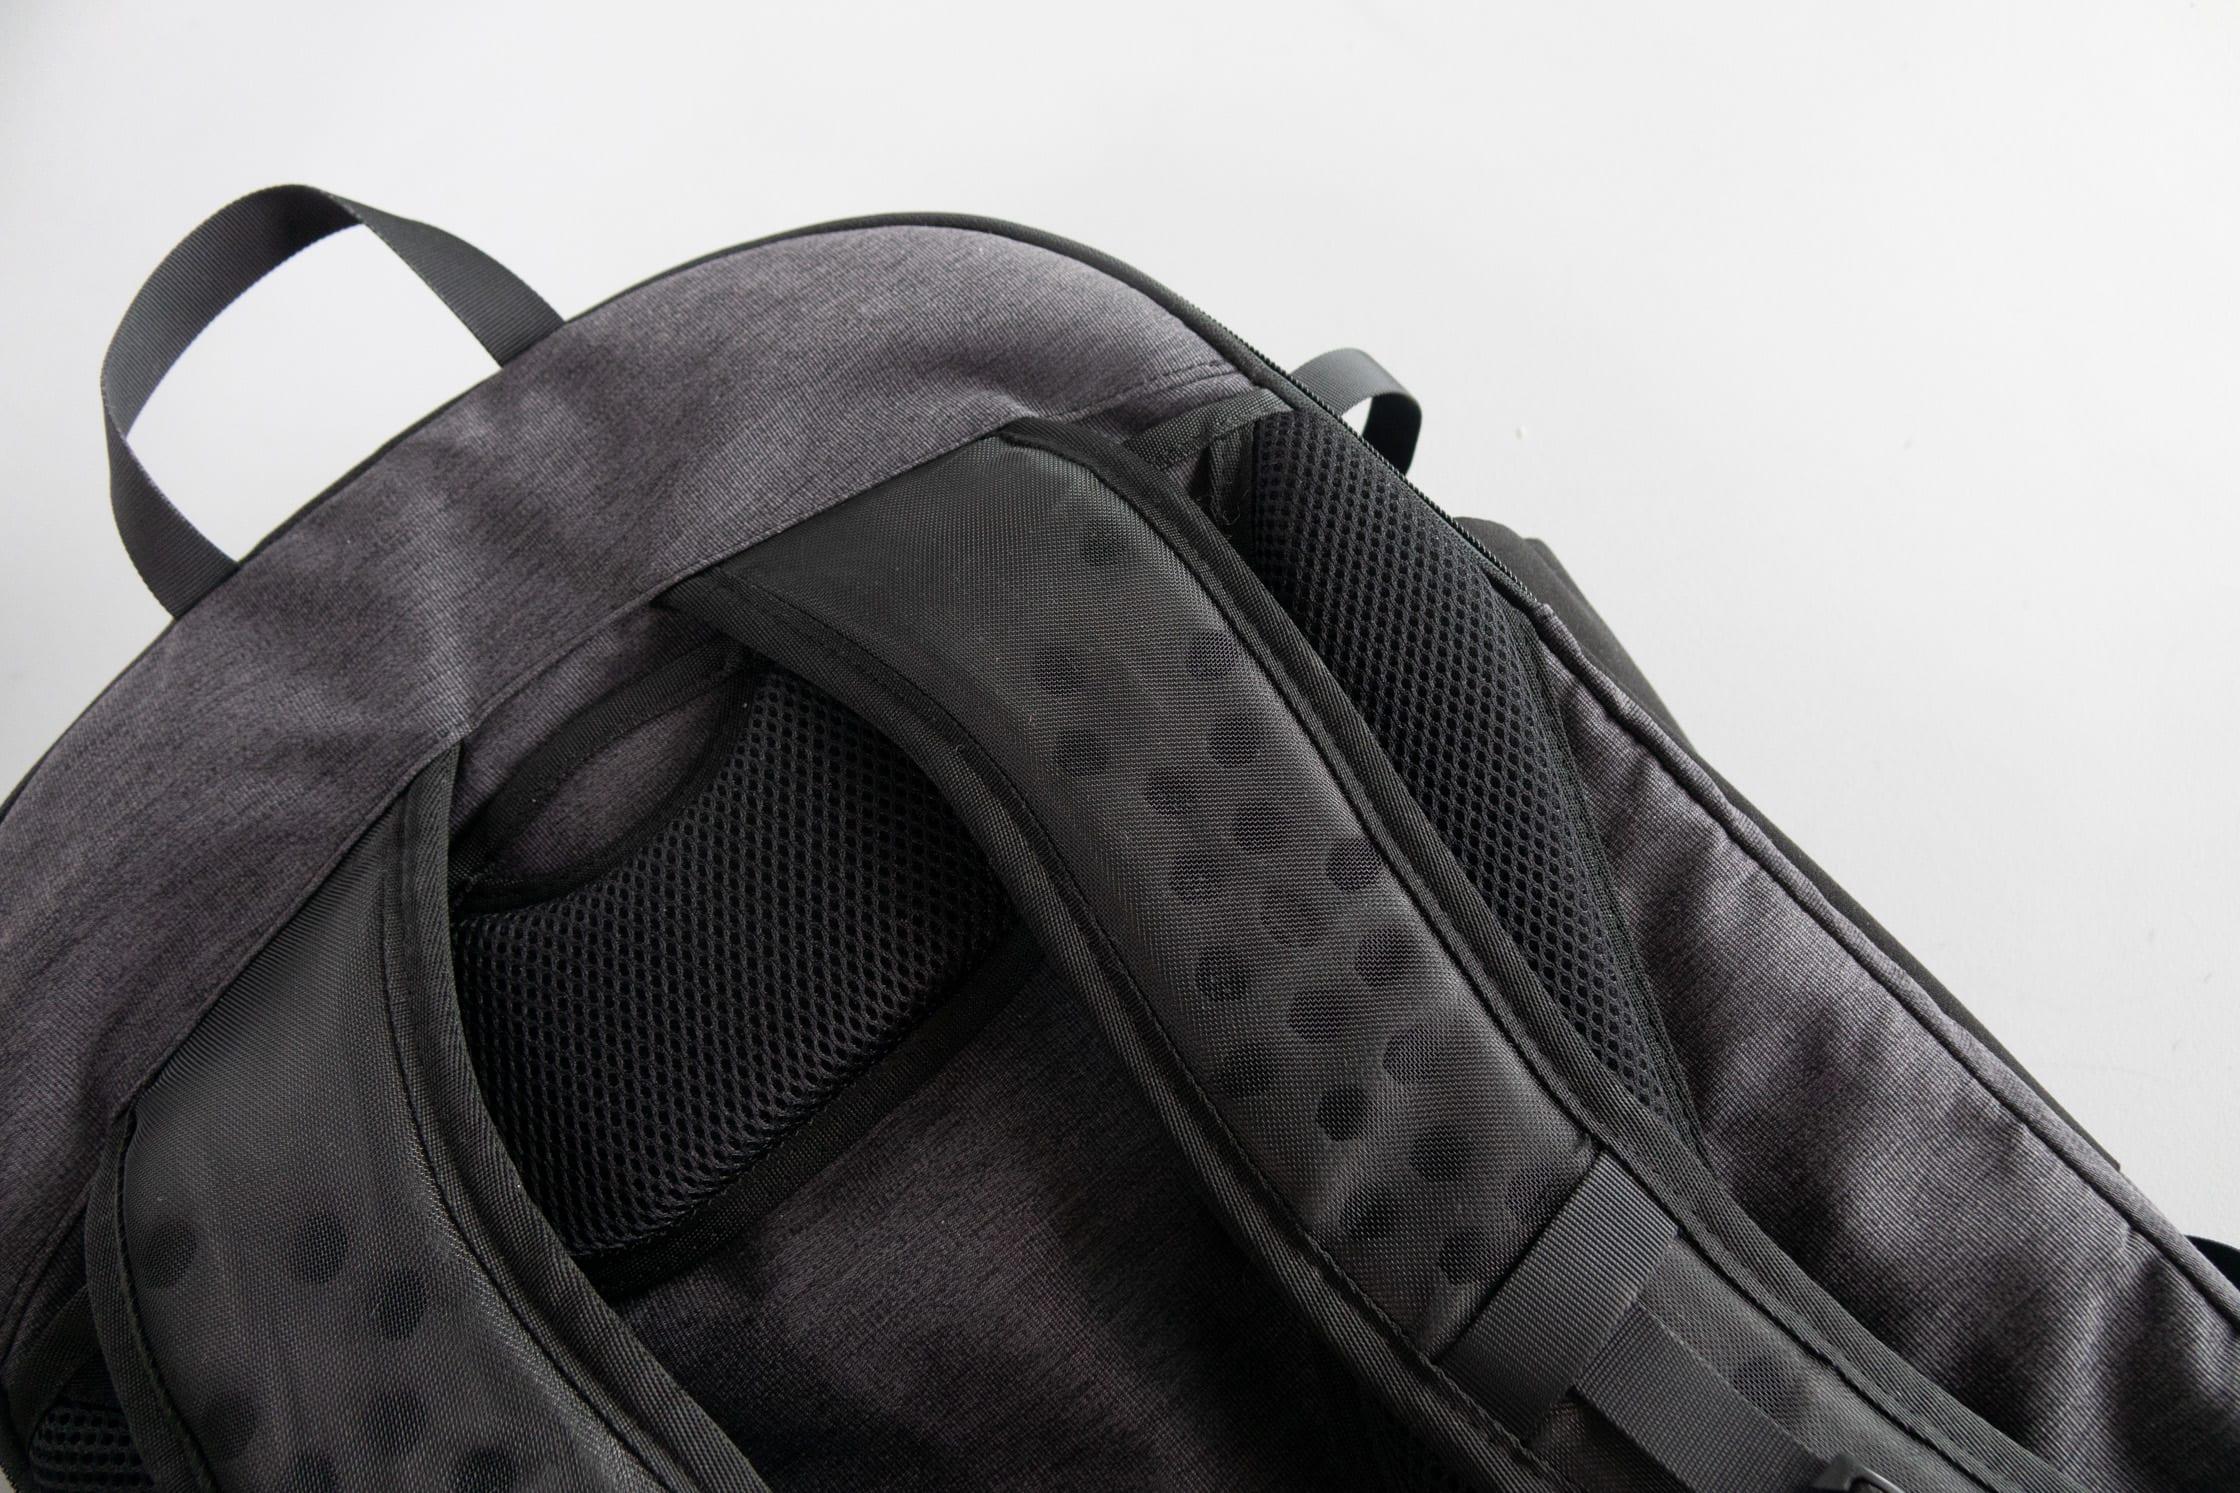 Tortuga Setout Shoulder Strap Detail